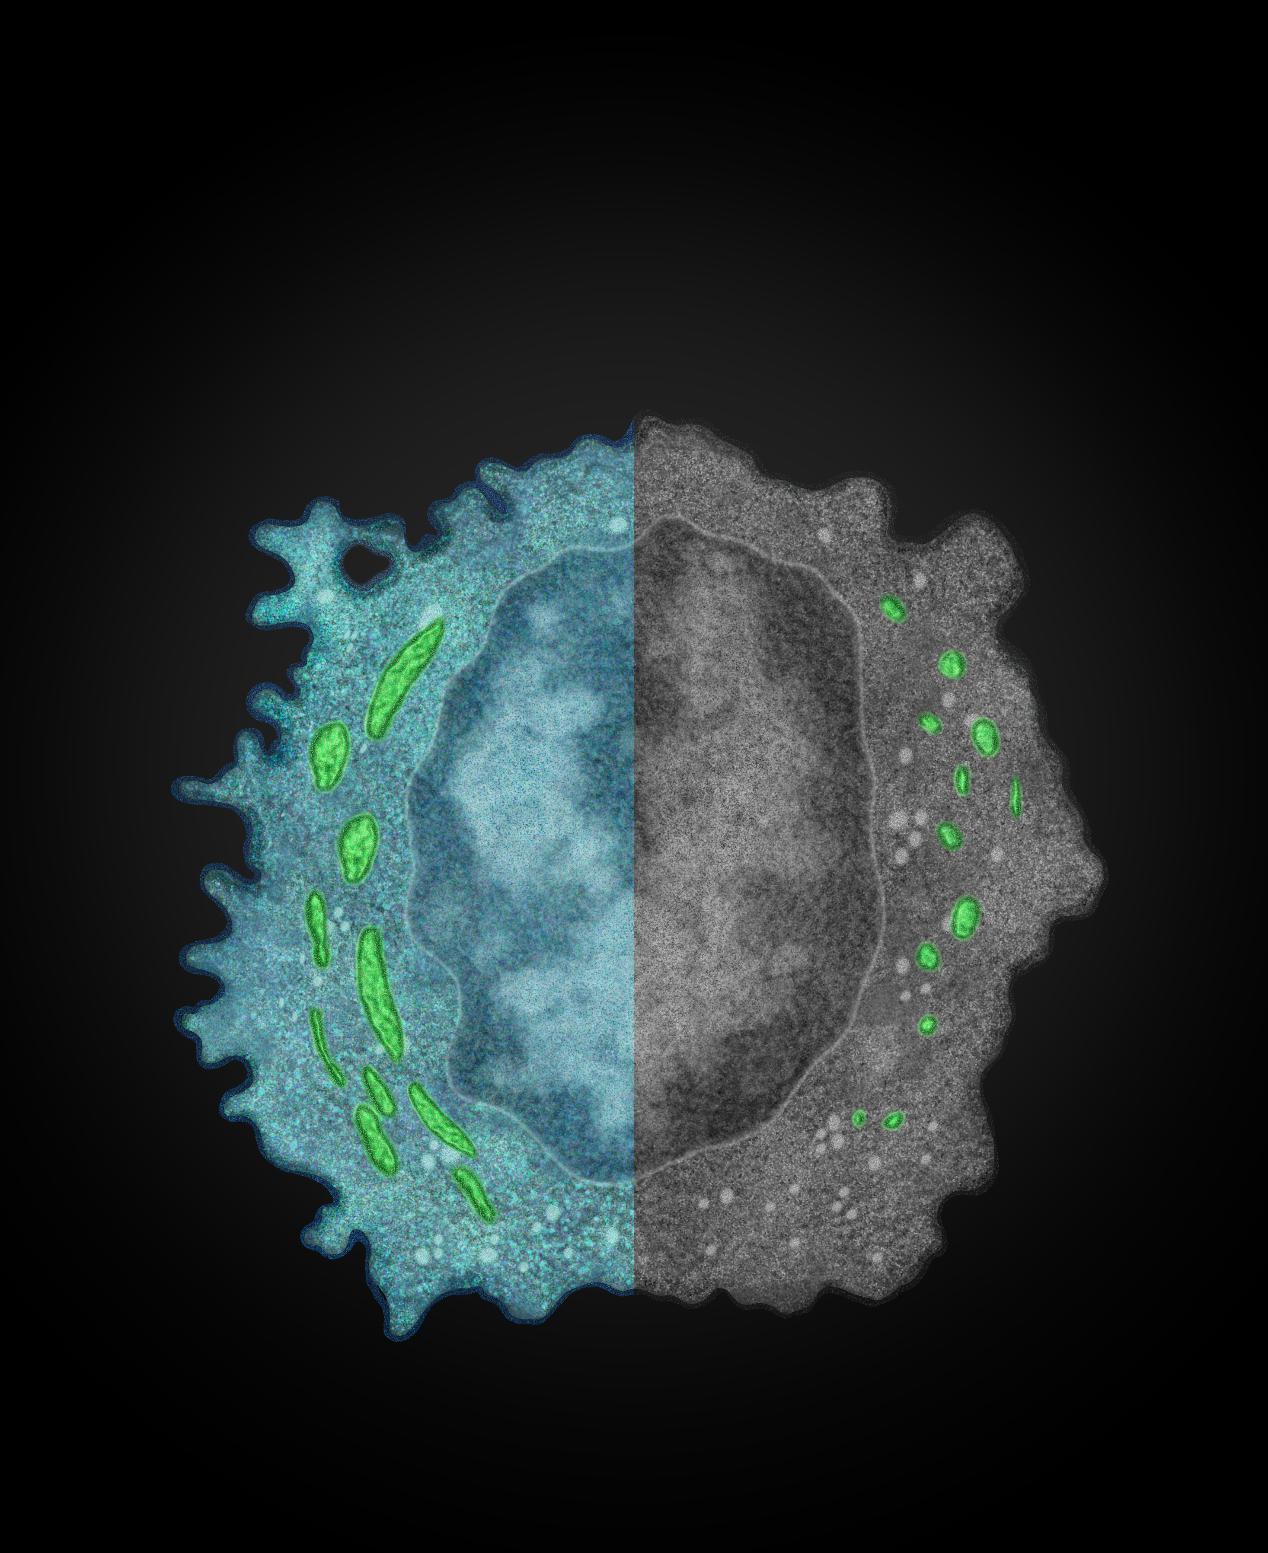 中国科大发现肝脏肿瘤逃脱自然杀伤细胞免疫监视的新机制